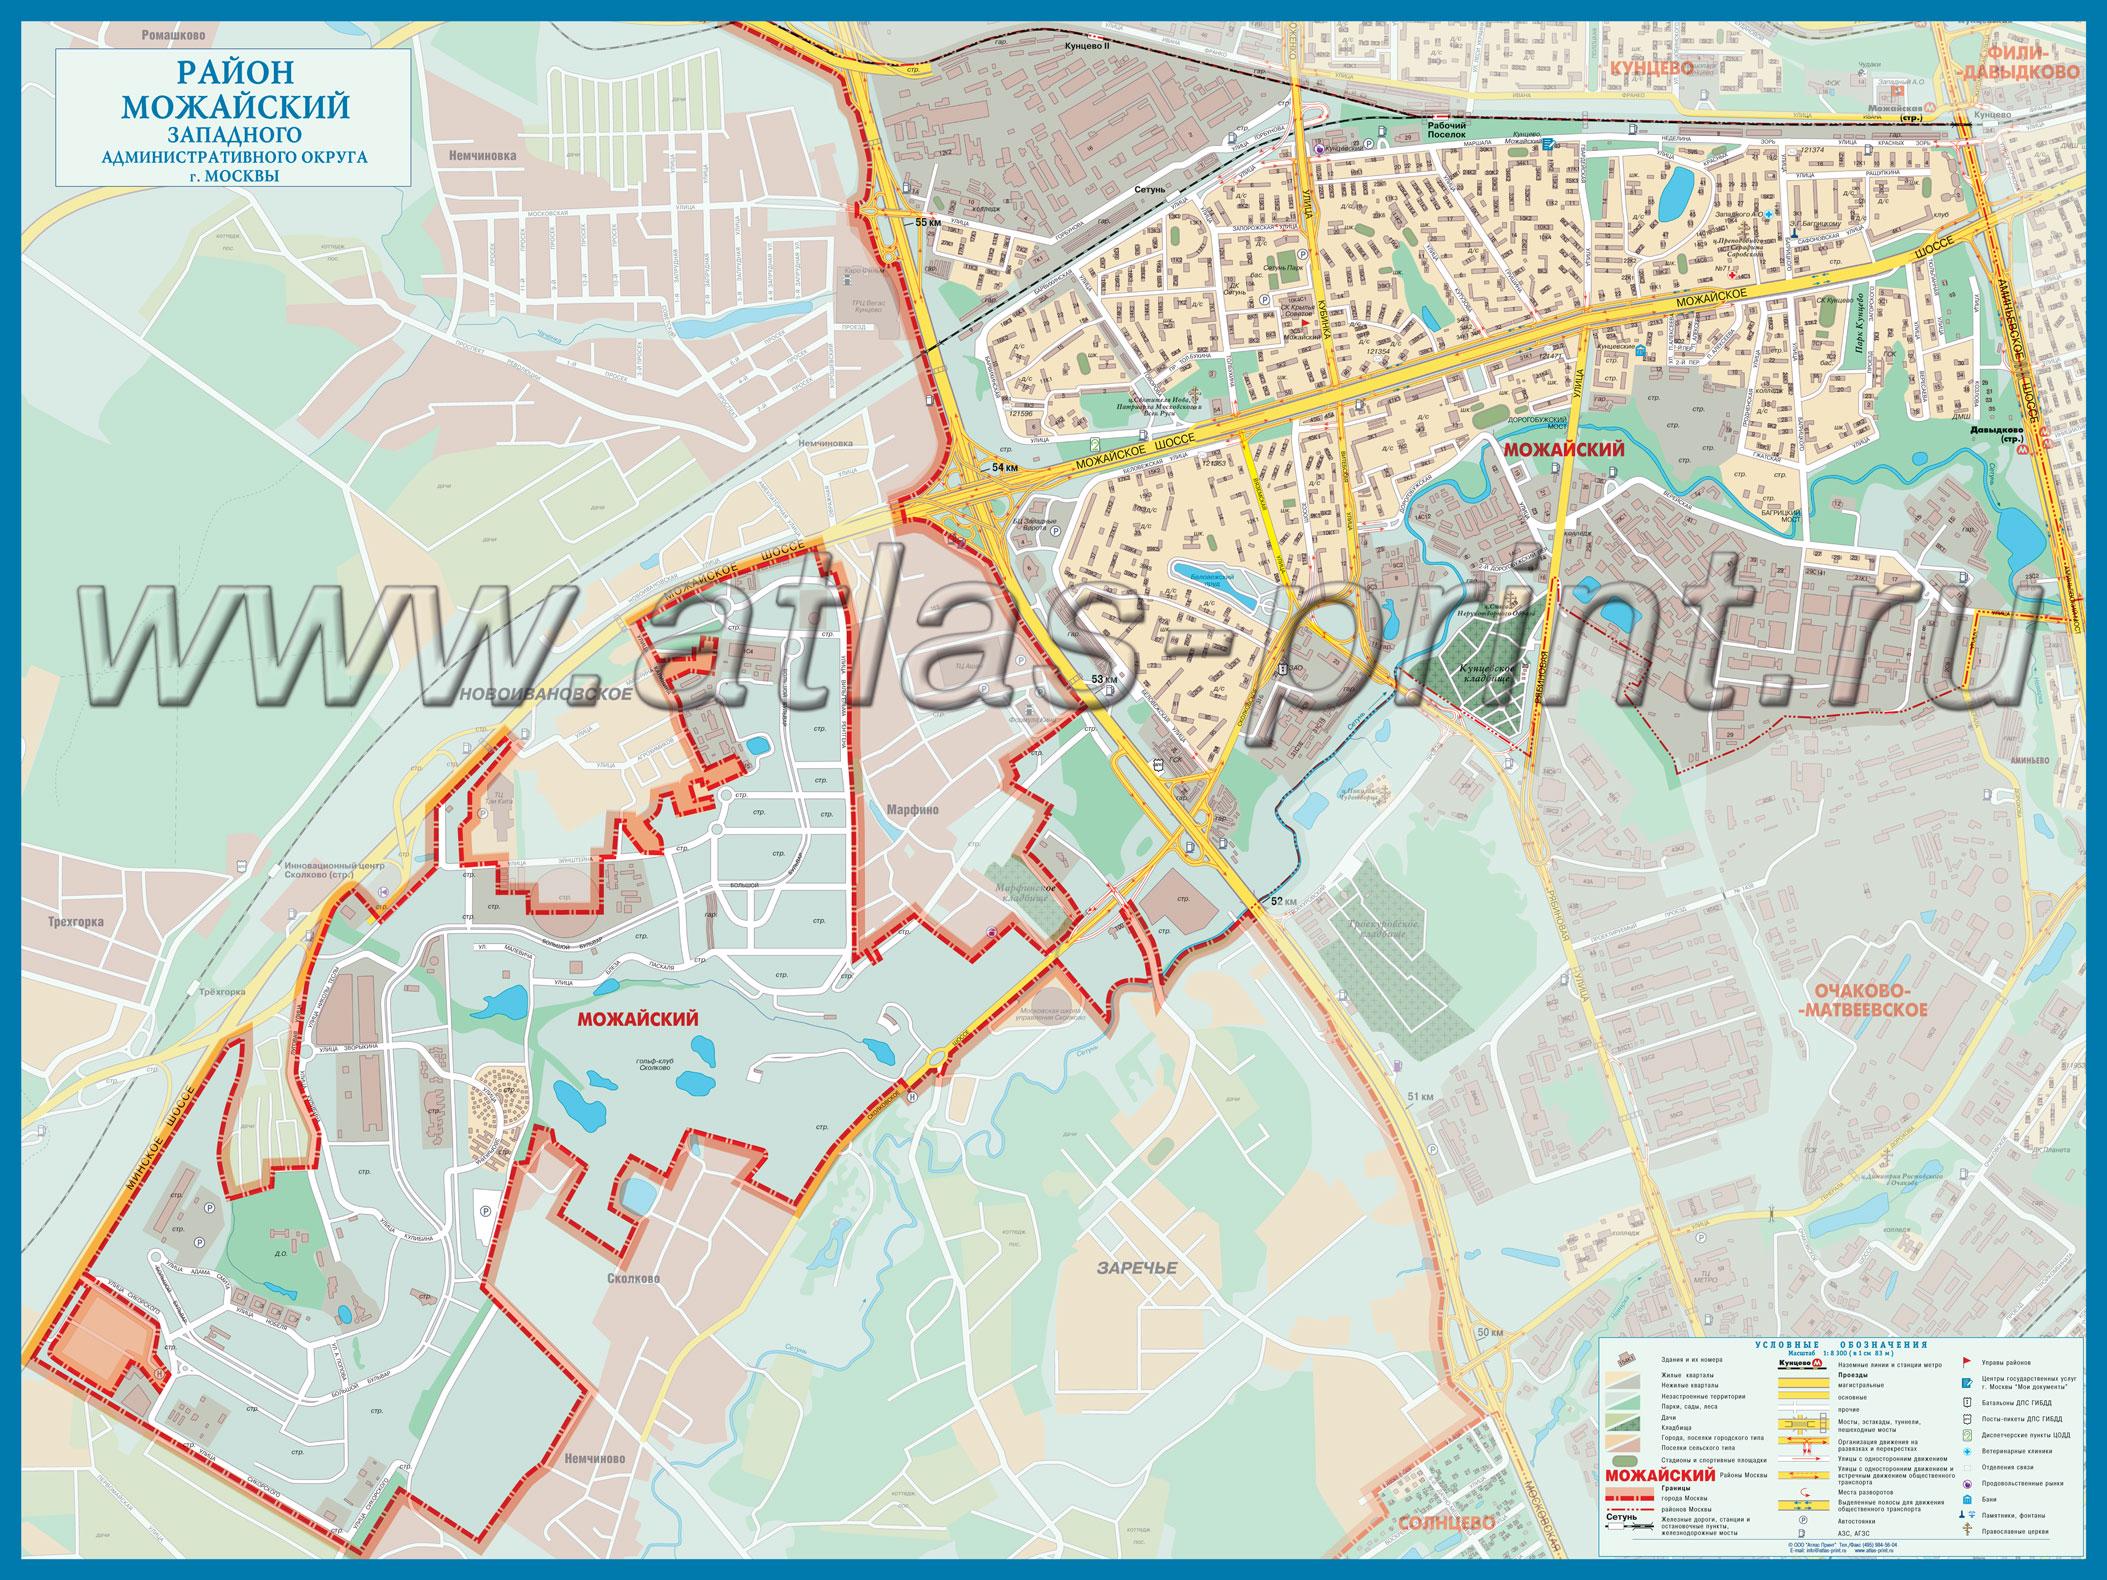 Настенная карта района Можайский г.Москвы 1,00*0,75 м, ламинированная